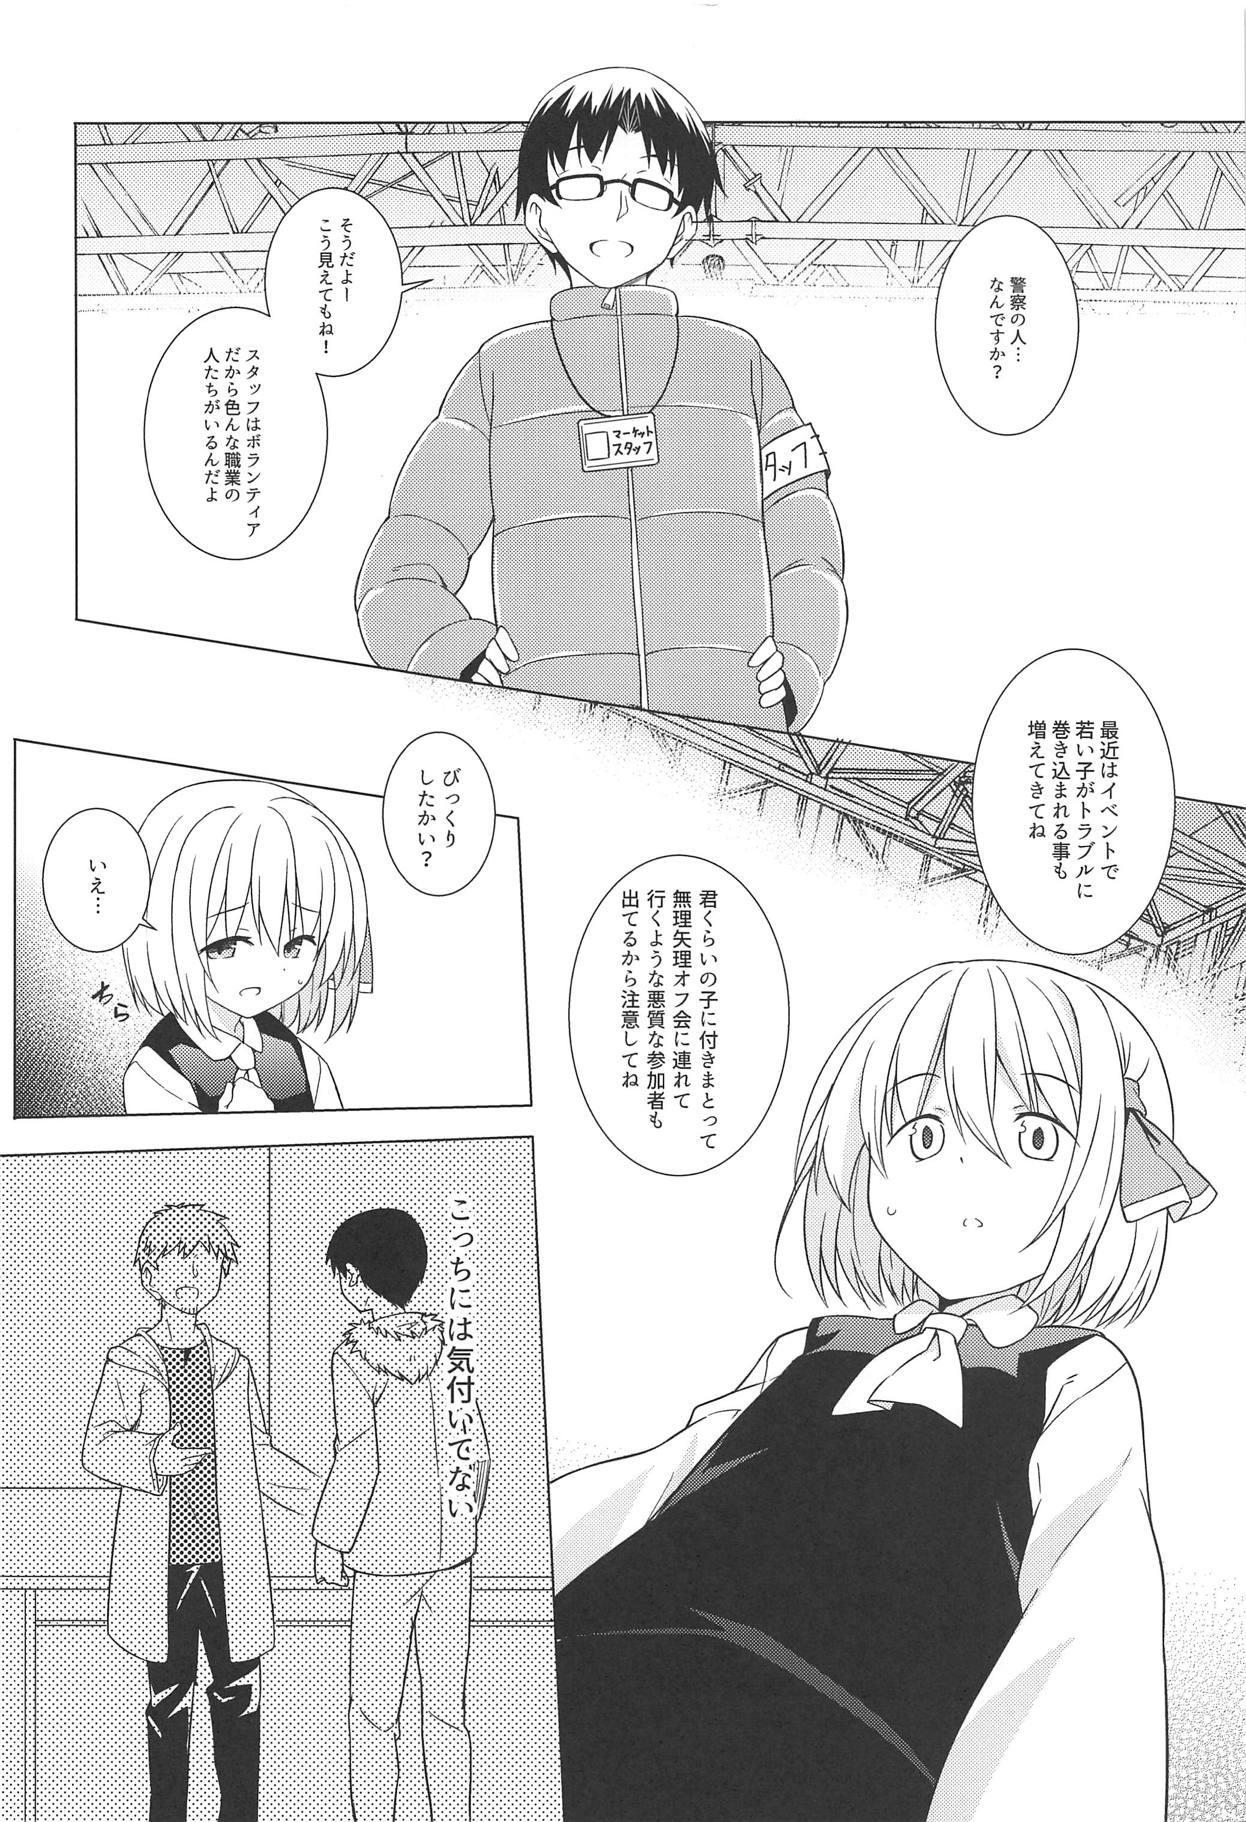 Kimi wa Ore no Cos Uriko Nin 6